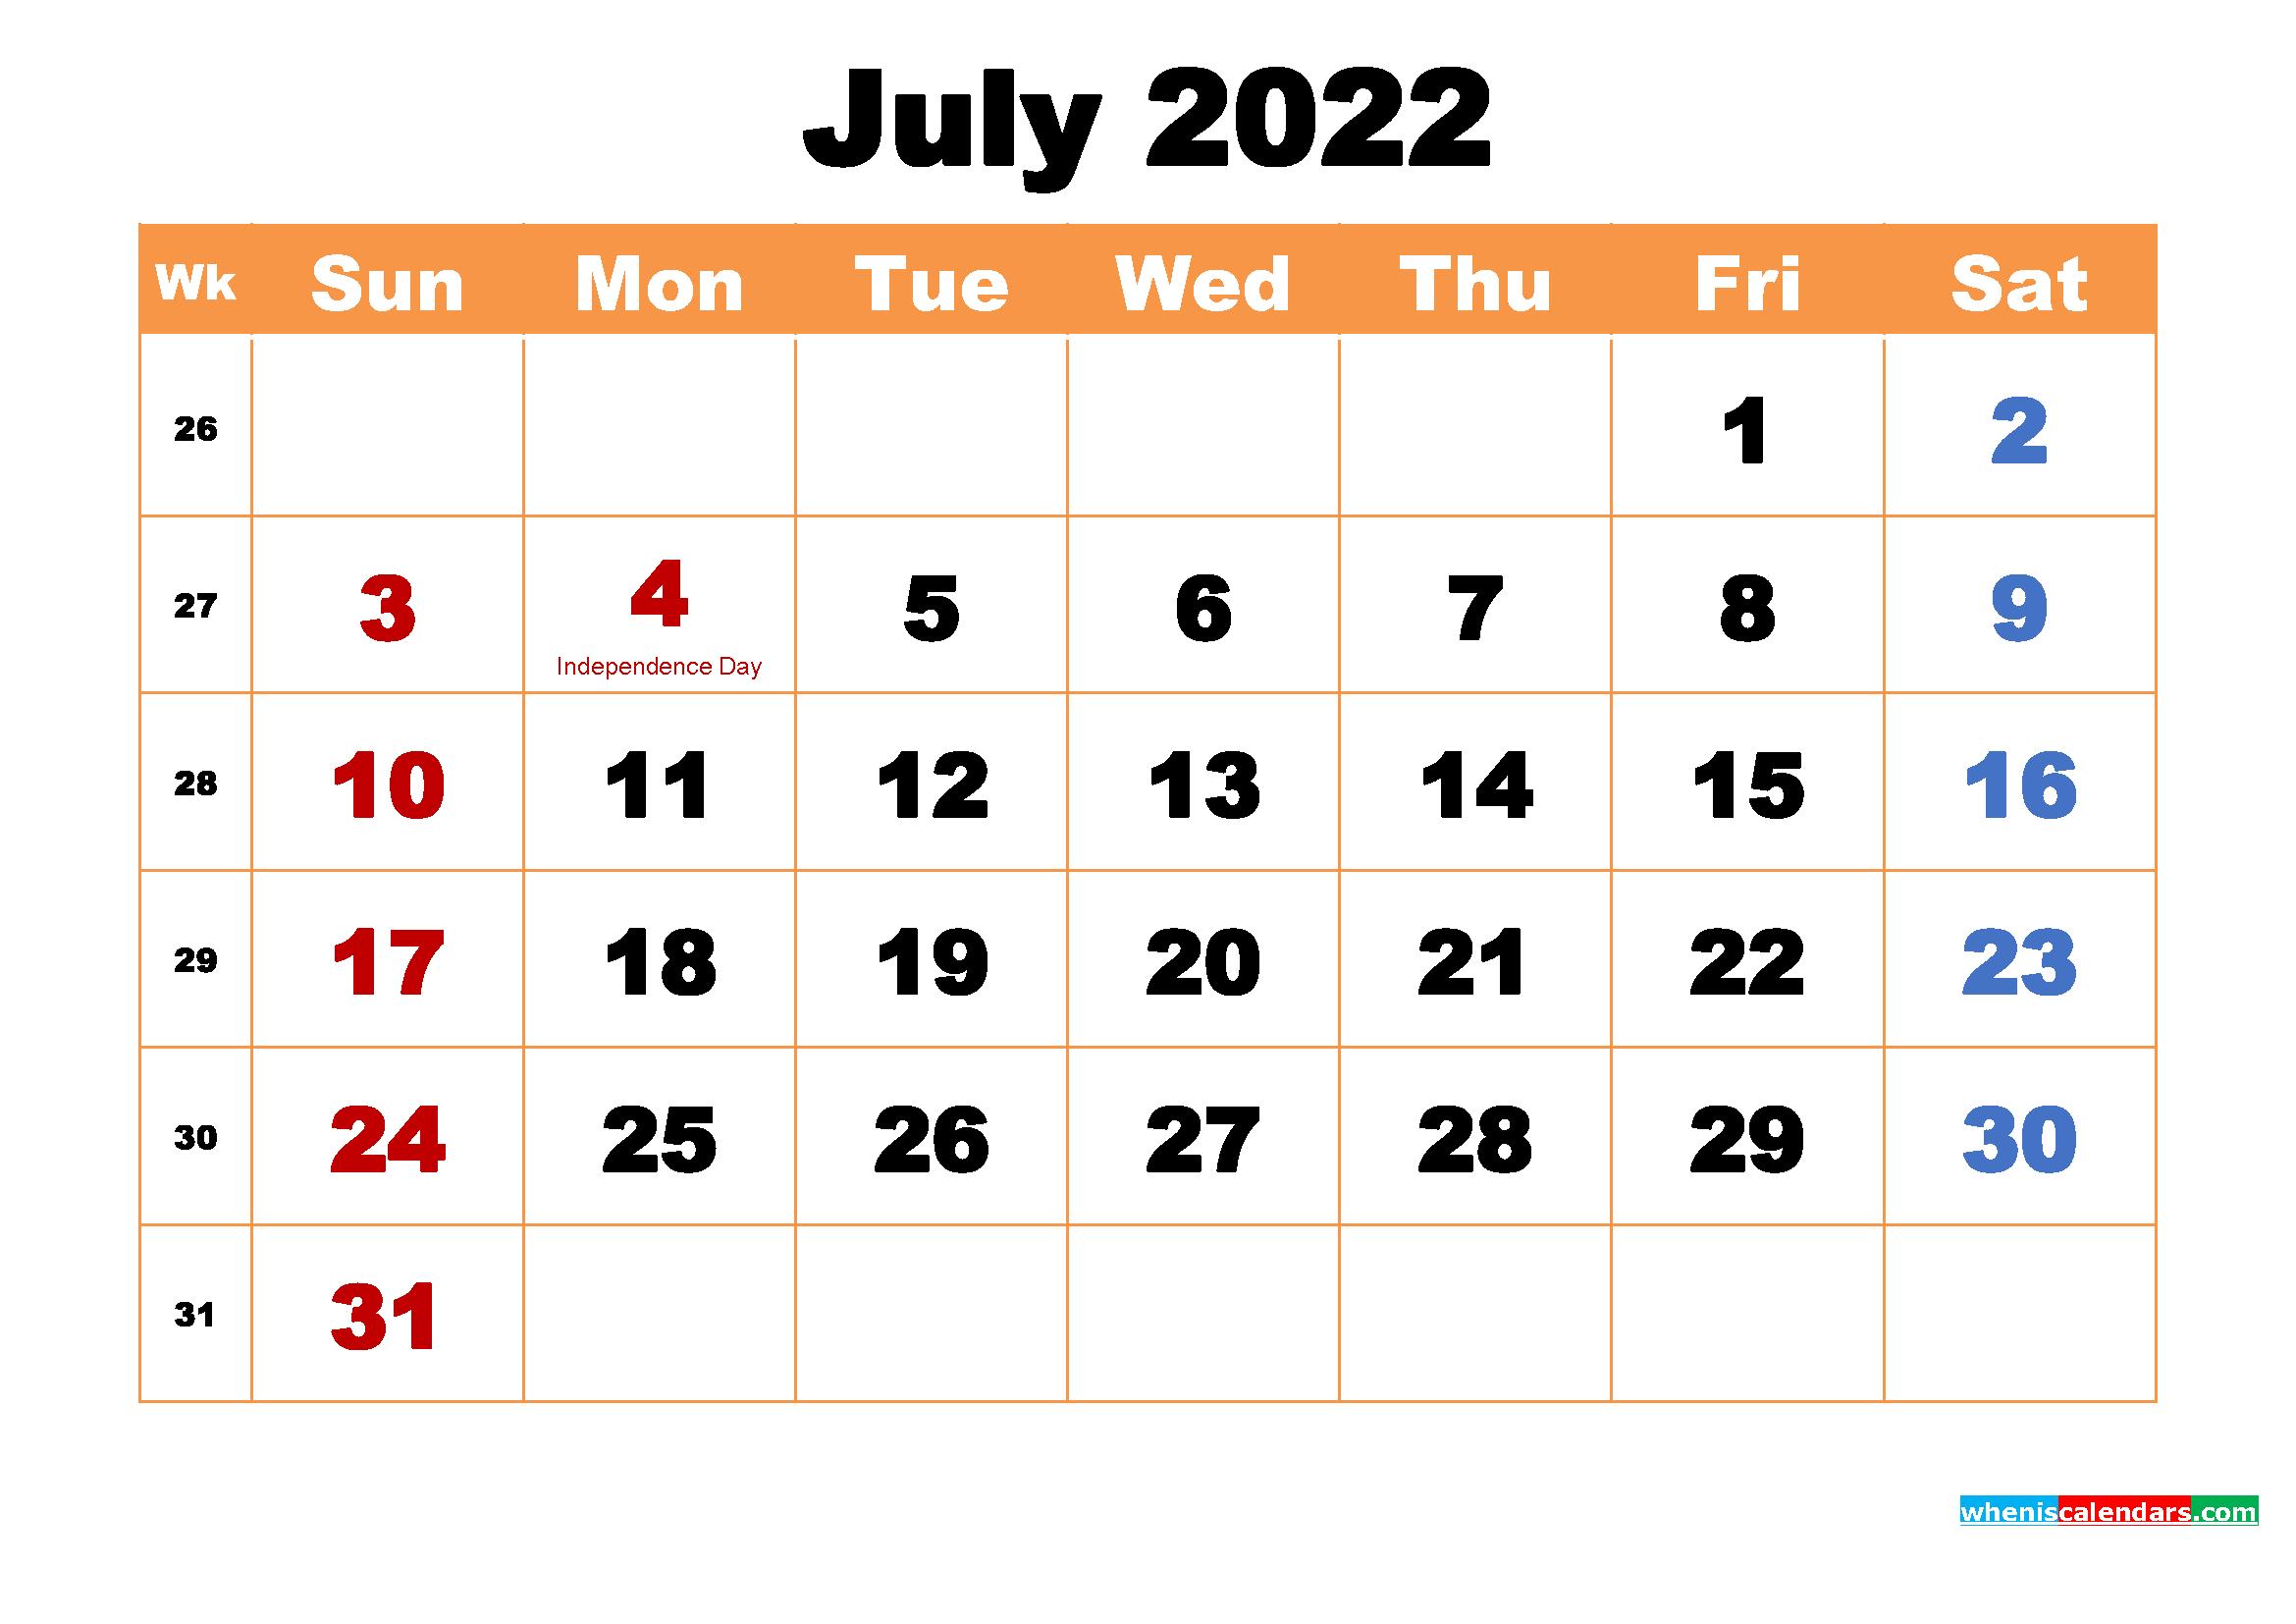 July 2022 Calendar Wallpaper High Resolution